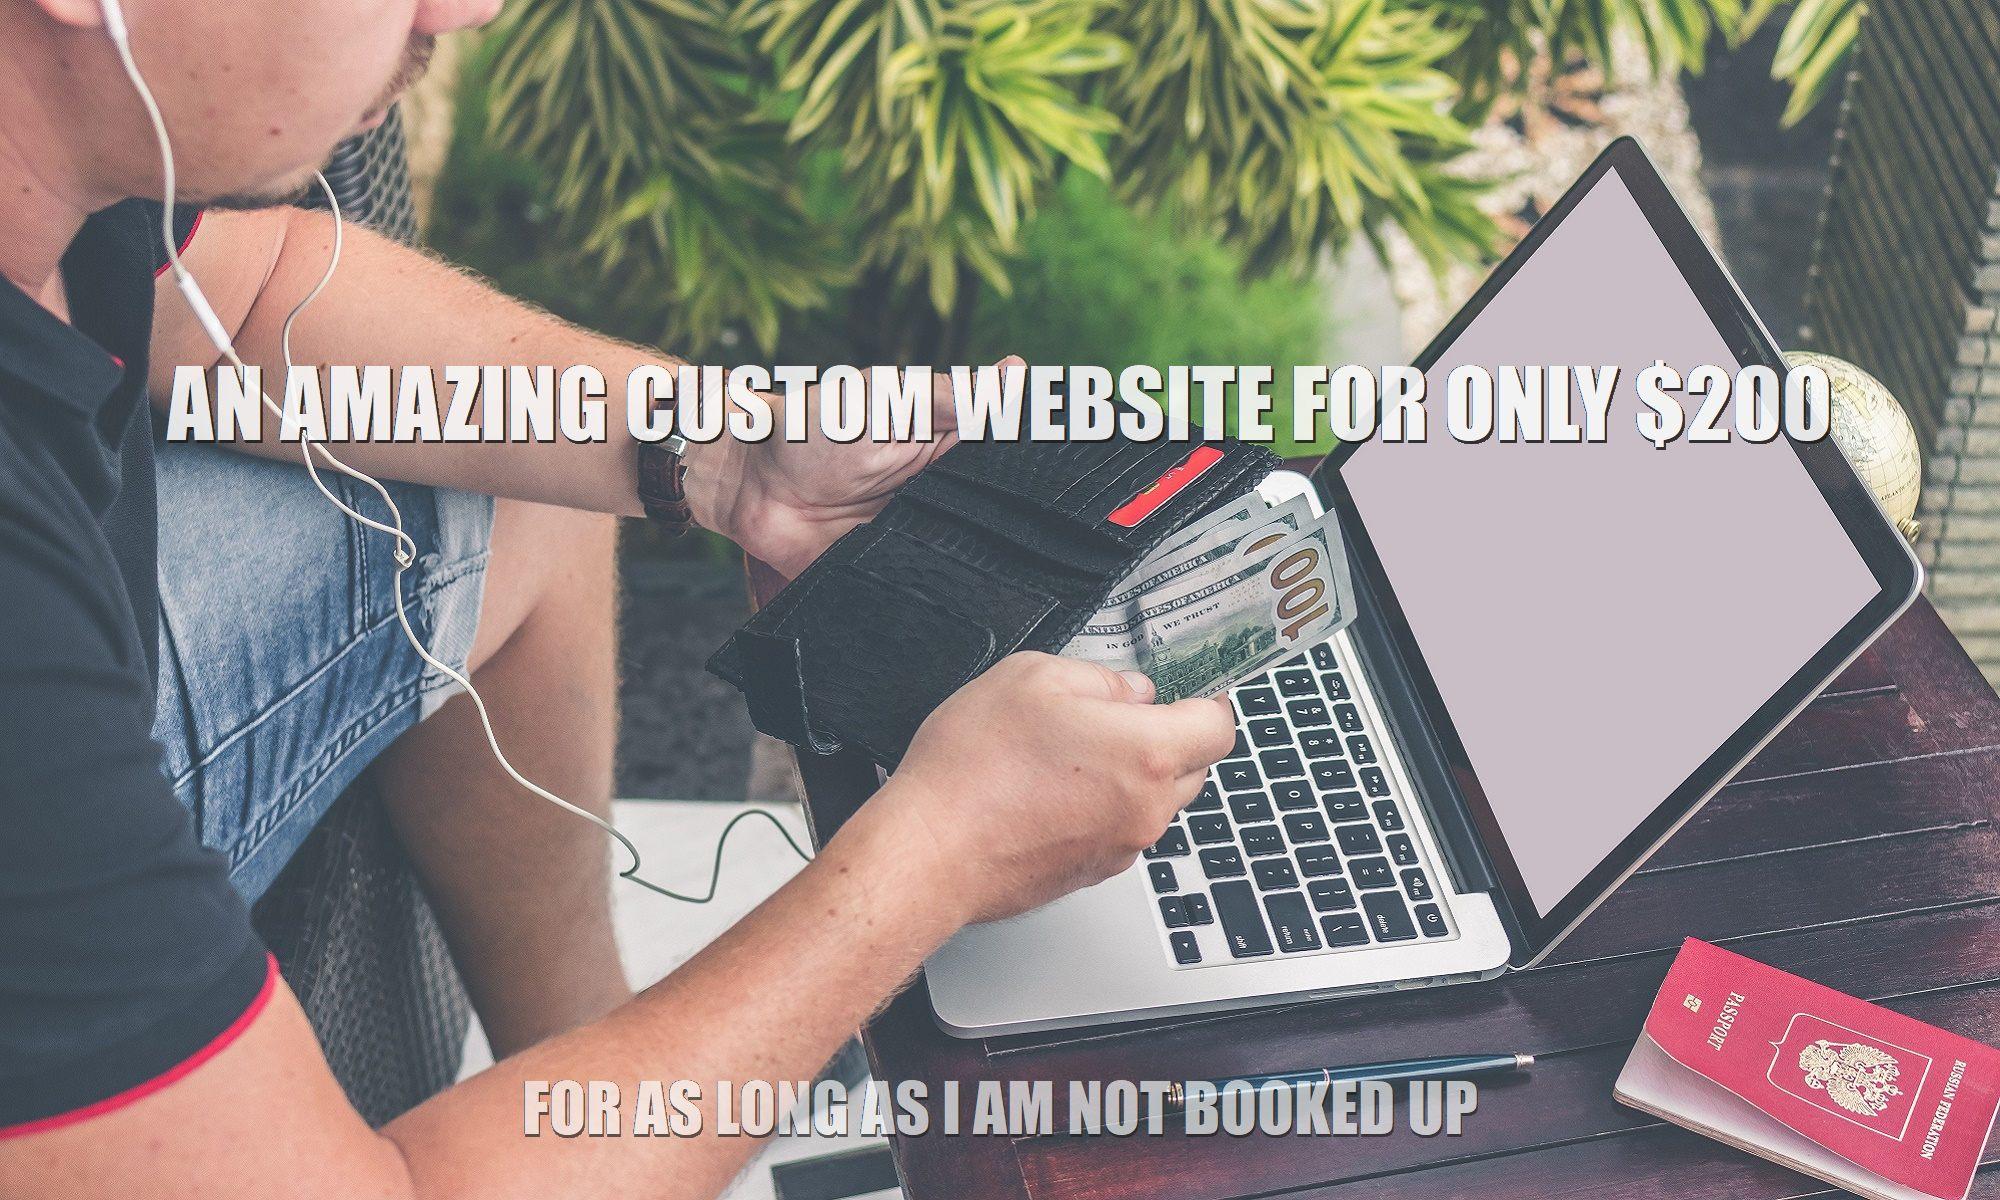 website-design-service-hosting-creation-colorado-springs-co-cortez-mancos-farmington-santa-fe-albuquerque-nm-2000